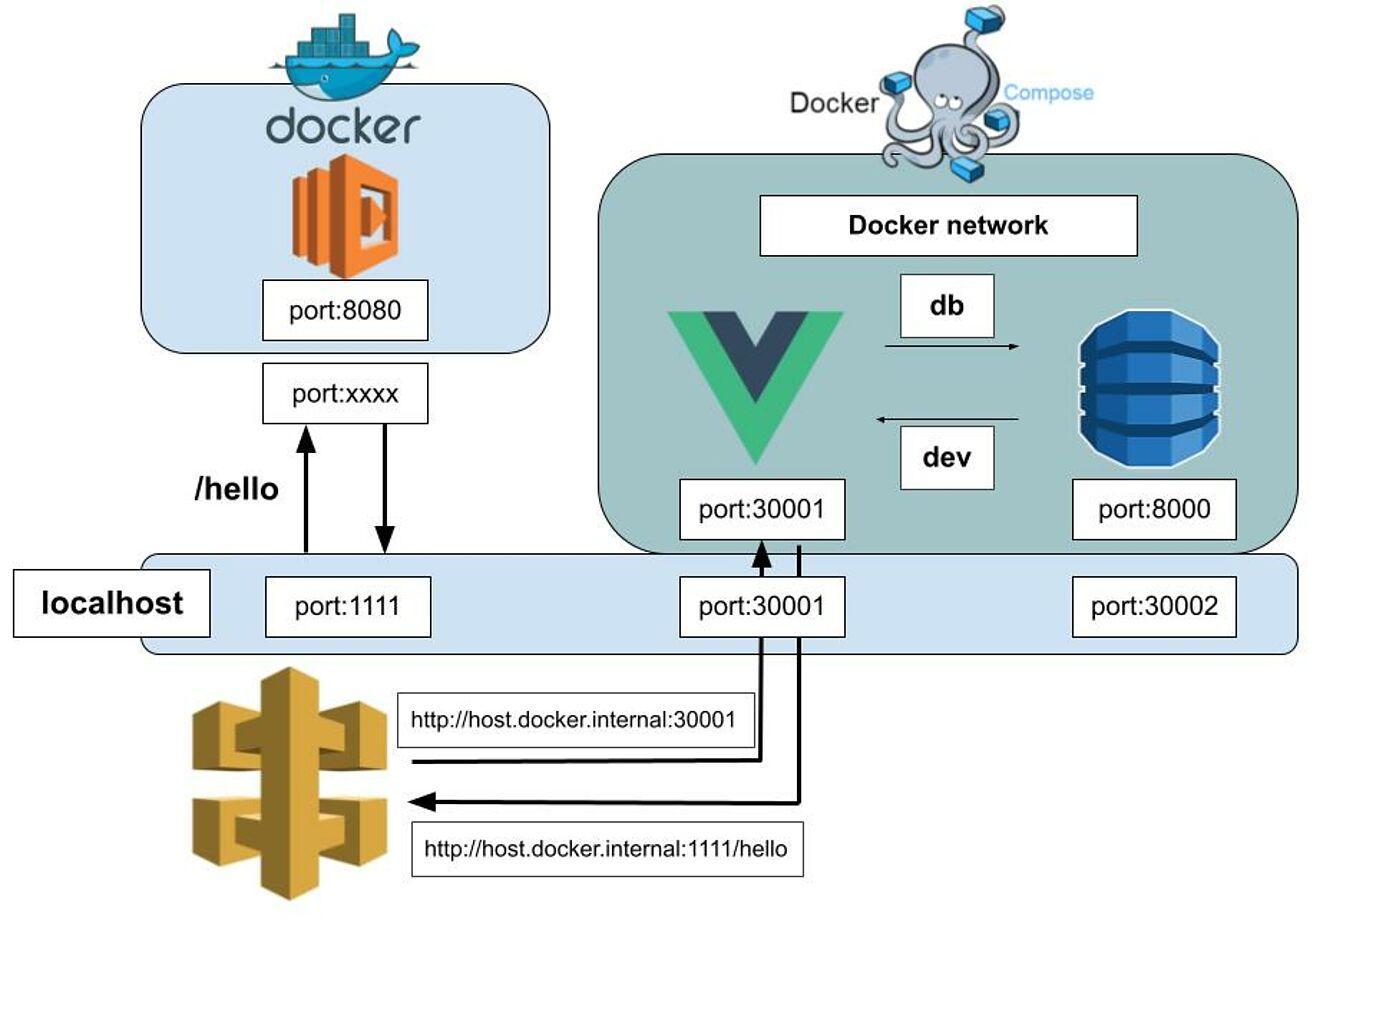 host.docker.internalを使った図